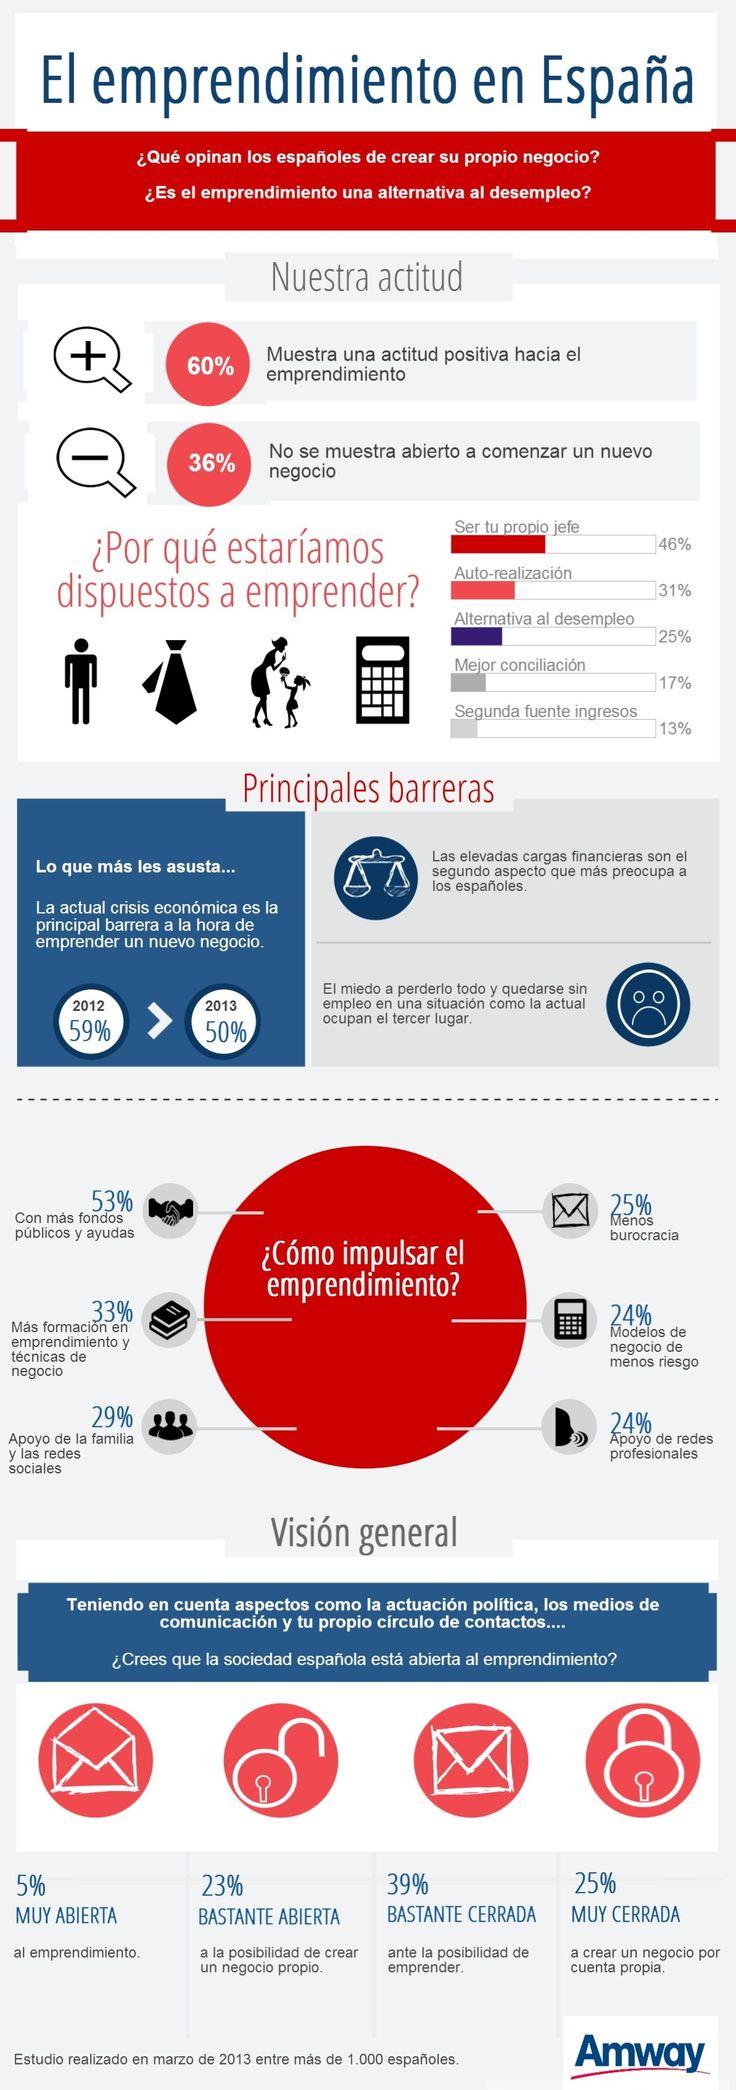 Emprendemento e autoemprego. Infografía del año 2013 que refleja la conducta del autoempleo en España